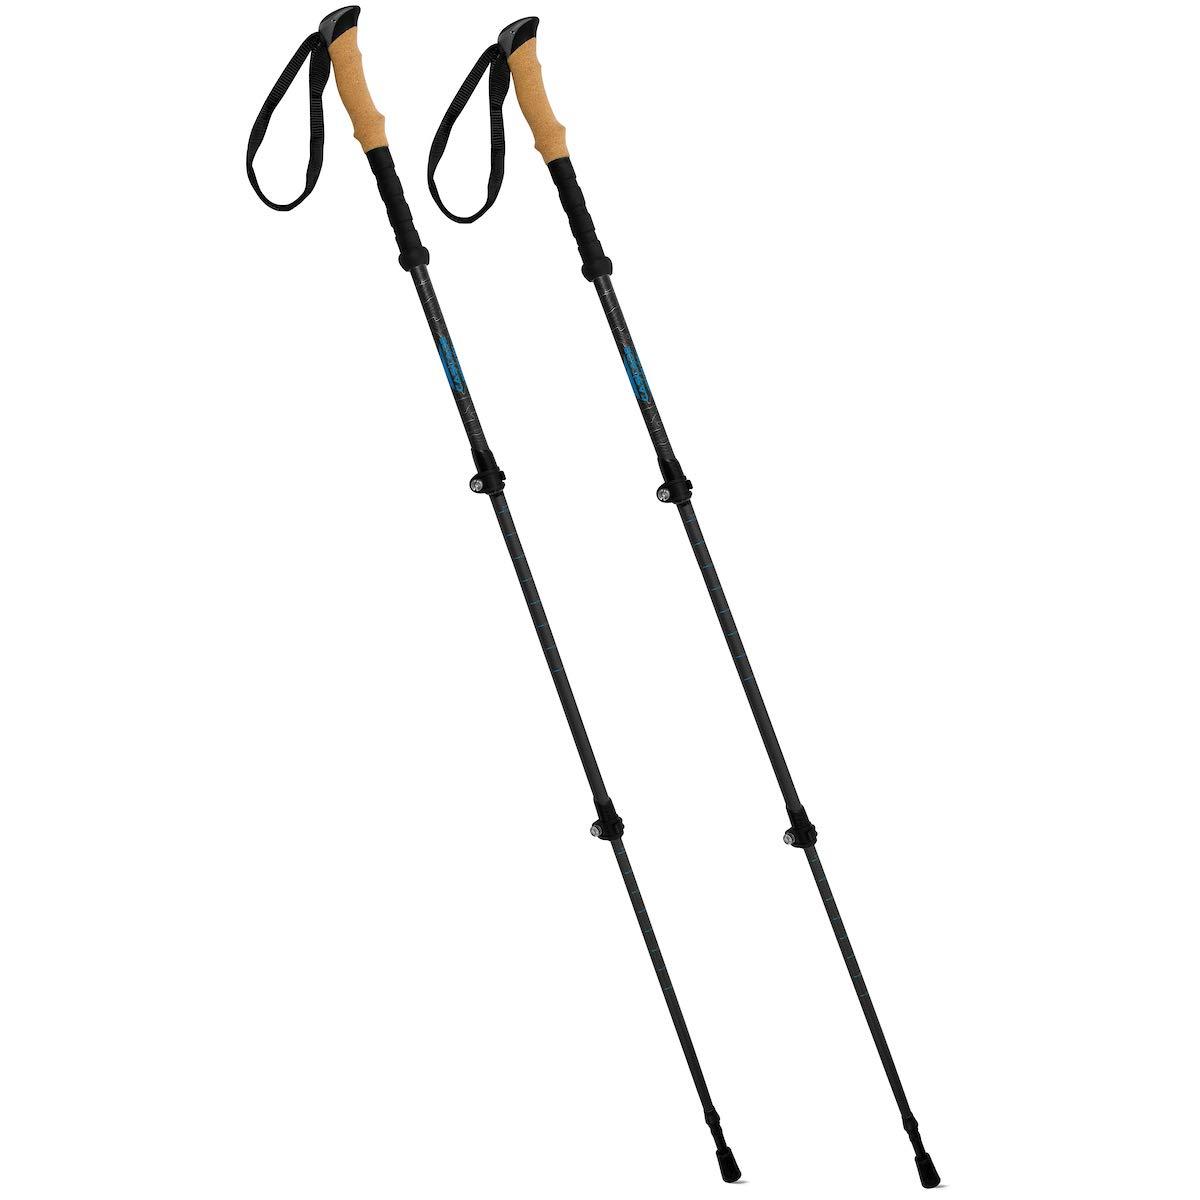 Lightweight Quick Lock Walking or Hiking Stick 1 Pair Cascade Mountain Tech Carbon Fiber Adjustable Trekking Poles 2 Pack